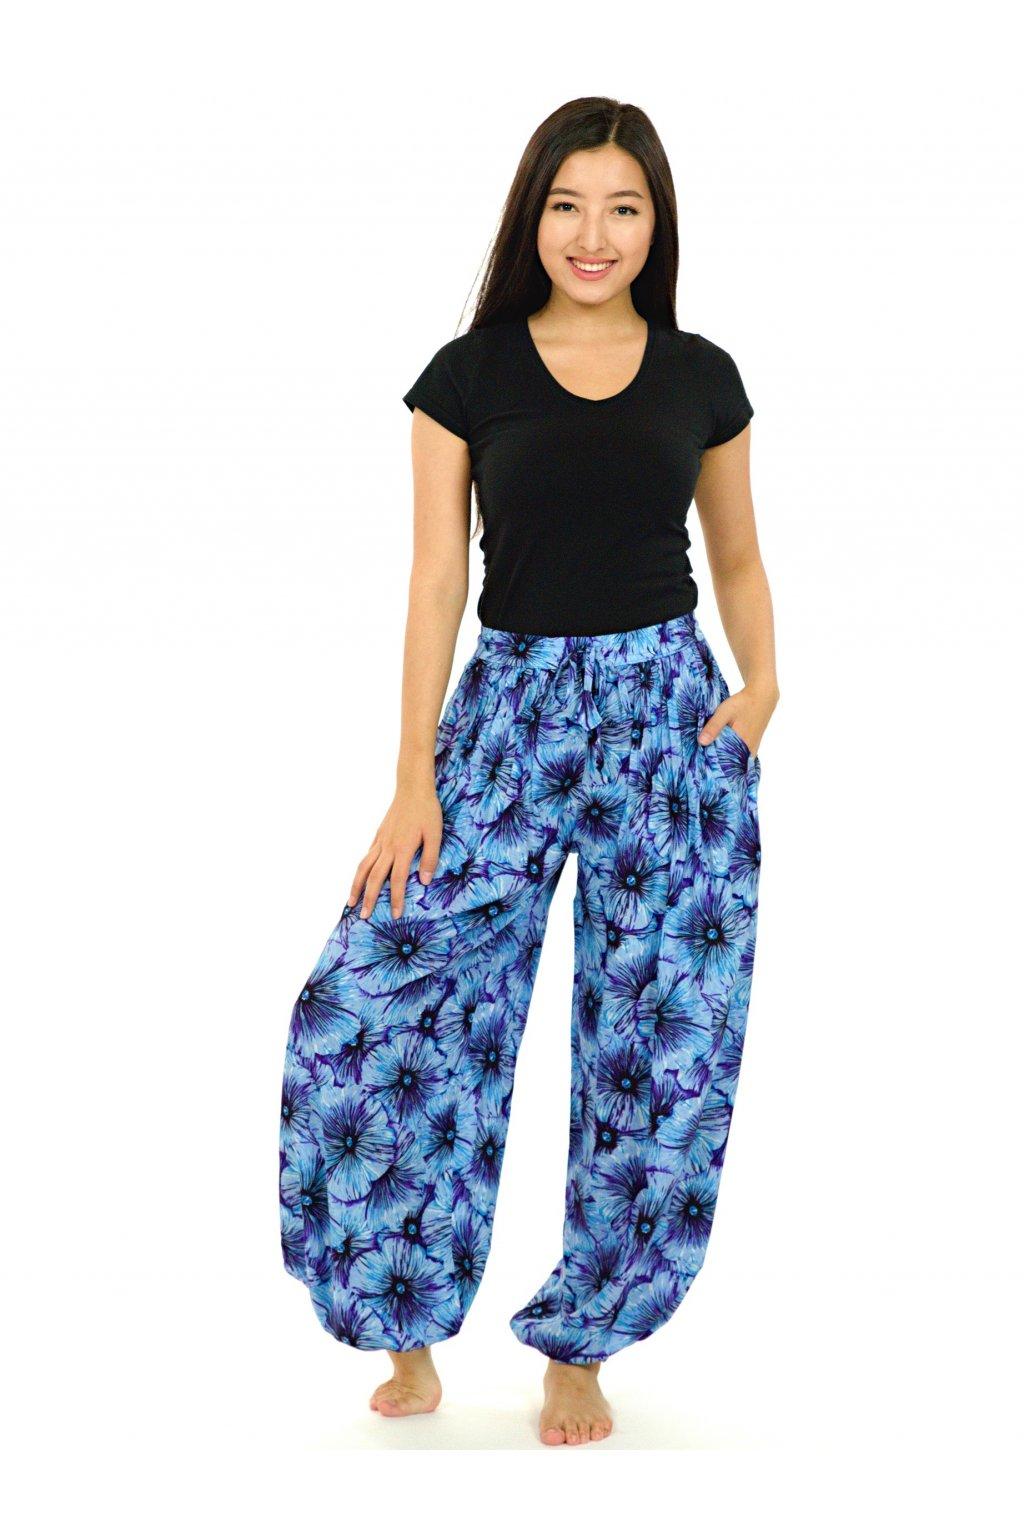 Kalhoty Lanai - tyrkysová s modrou